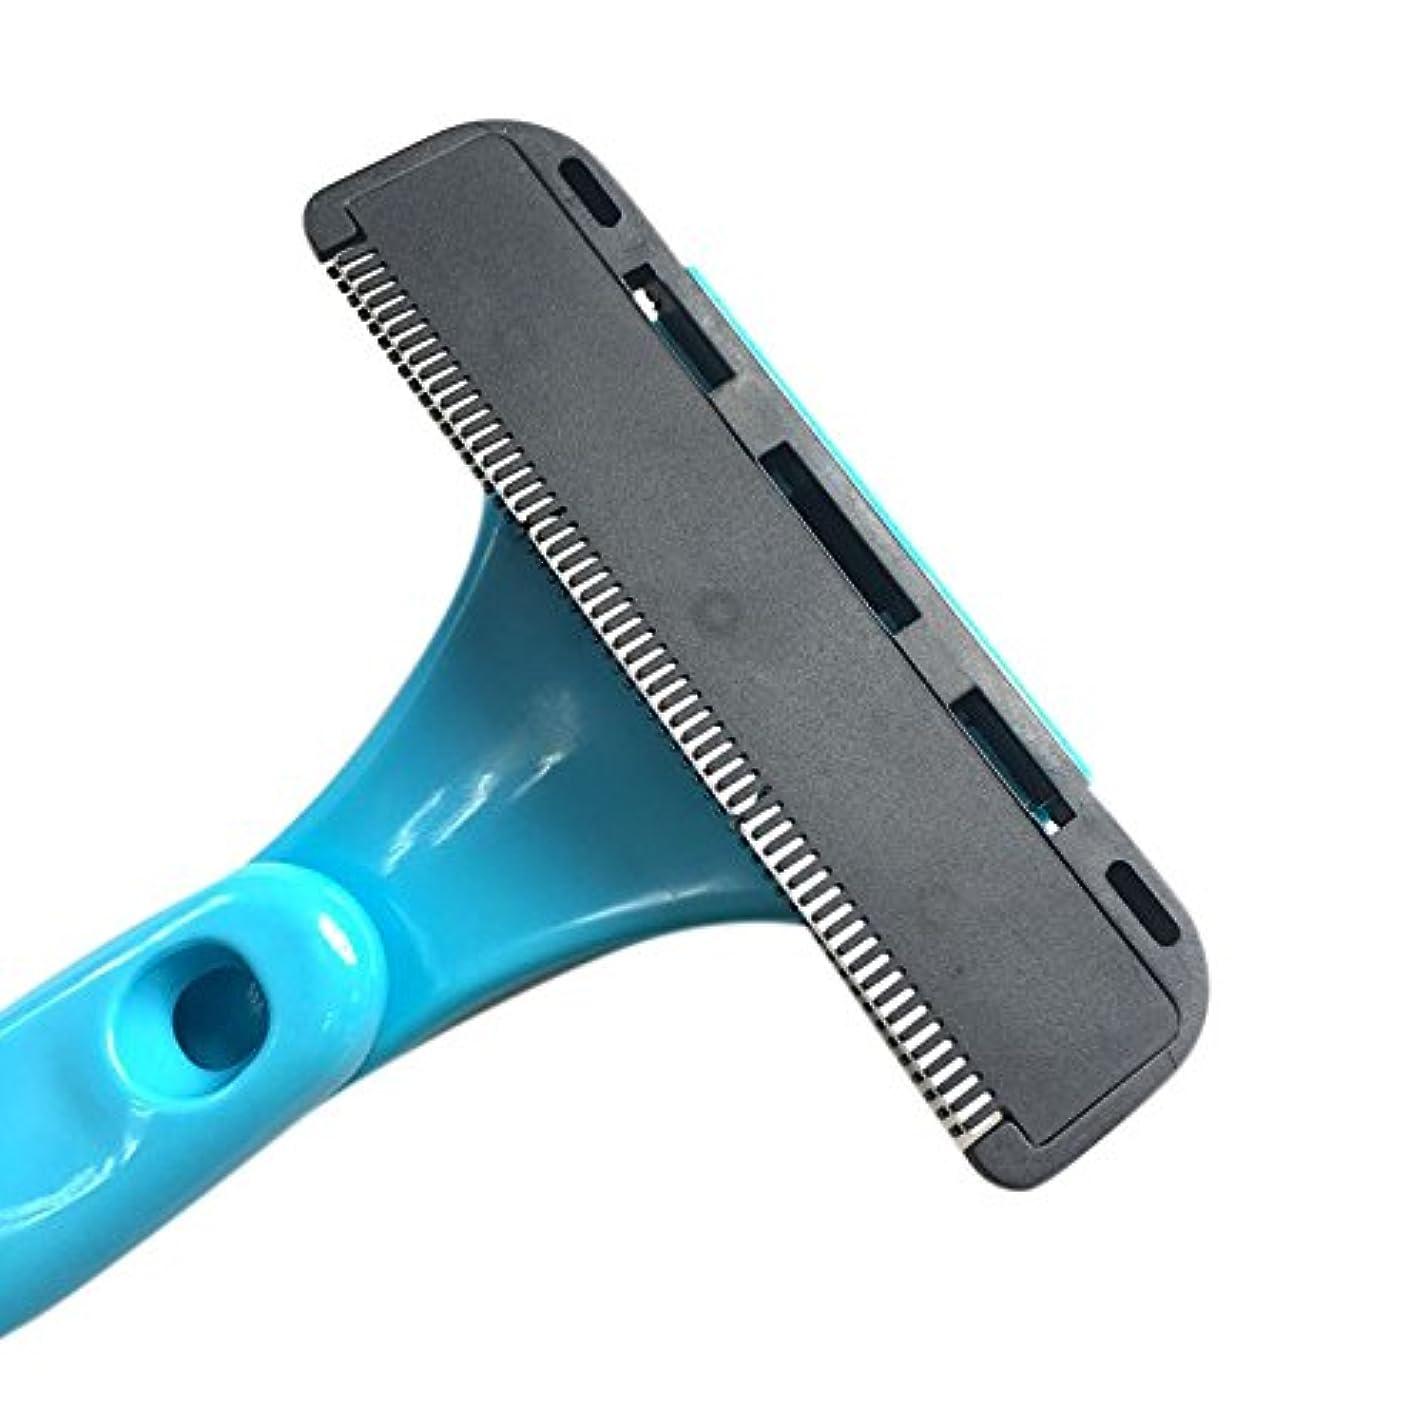 小売神話リーダーシップLiebeye 折りたたみ式 脱毛装置 絶妙な 手動剃刀 シェービング ヘッド 切削ヘッド